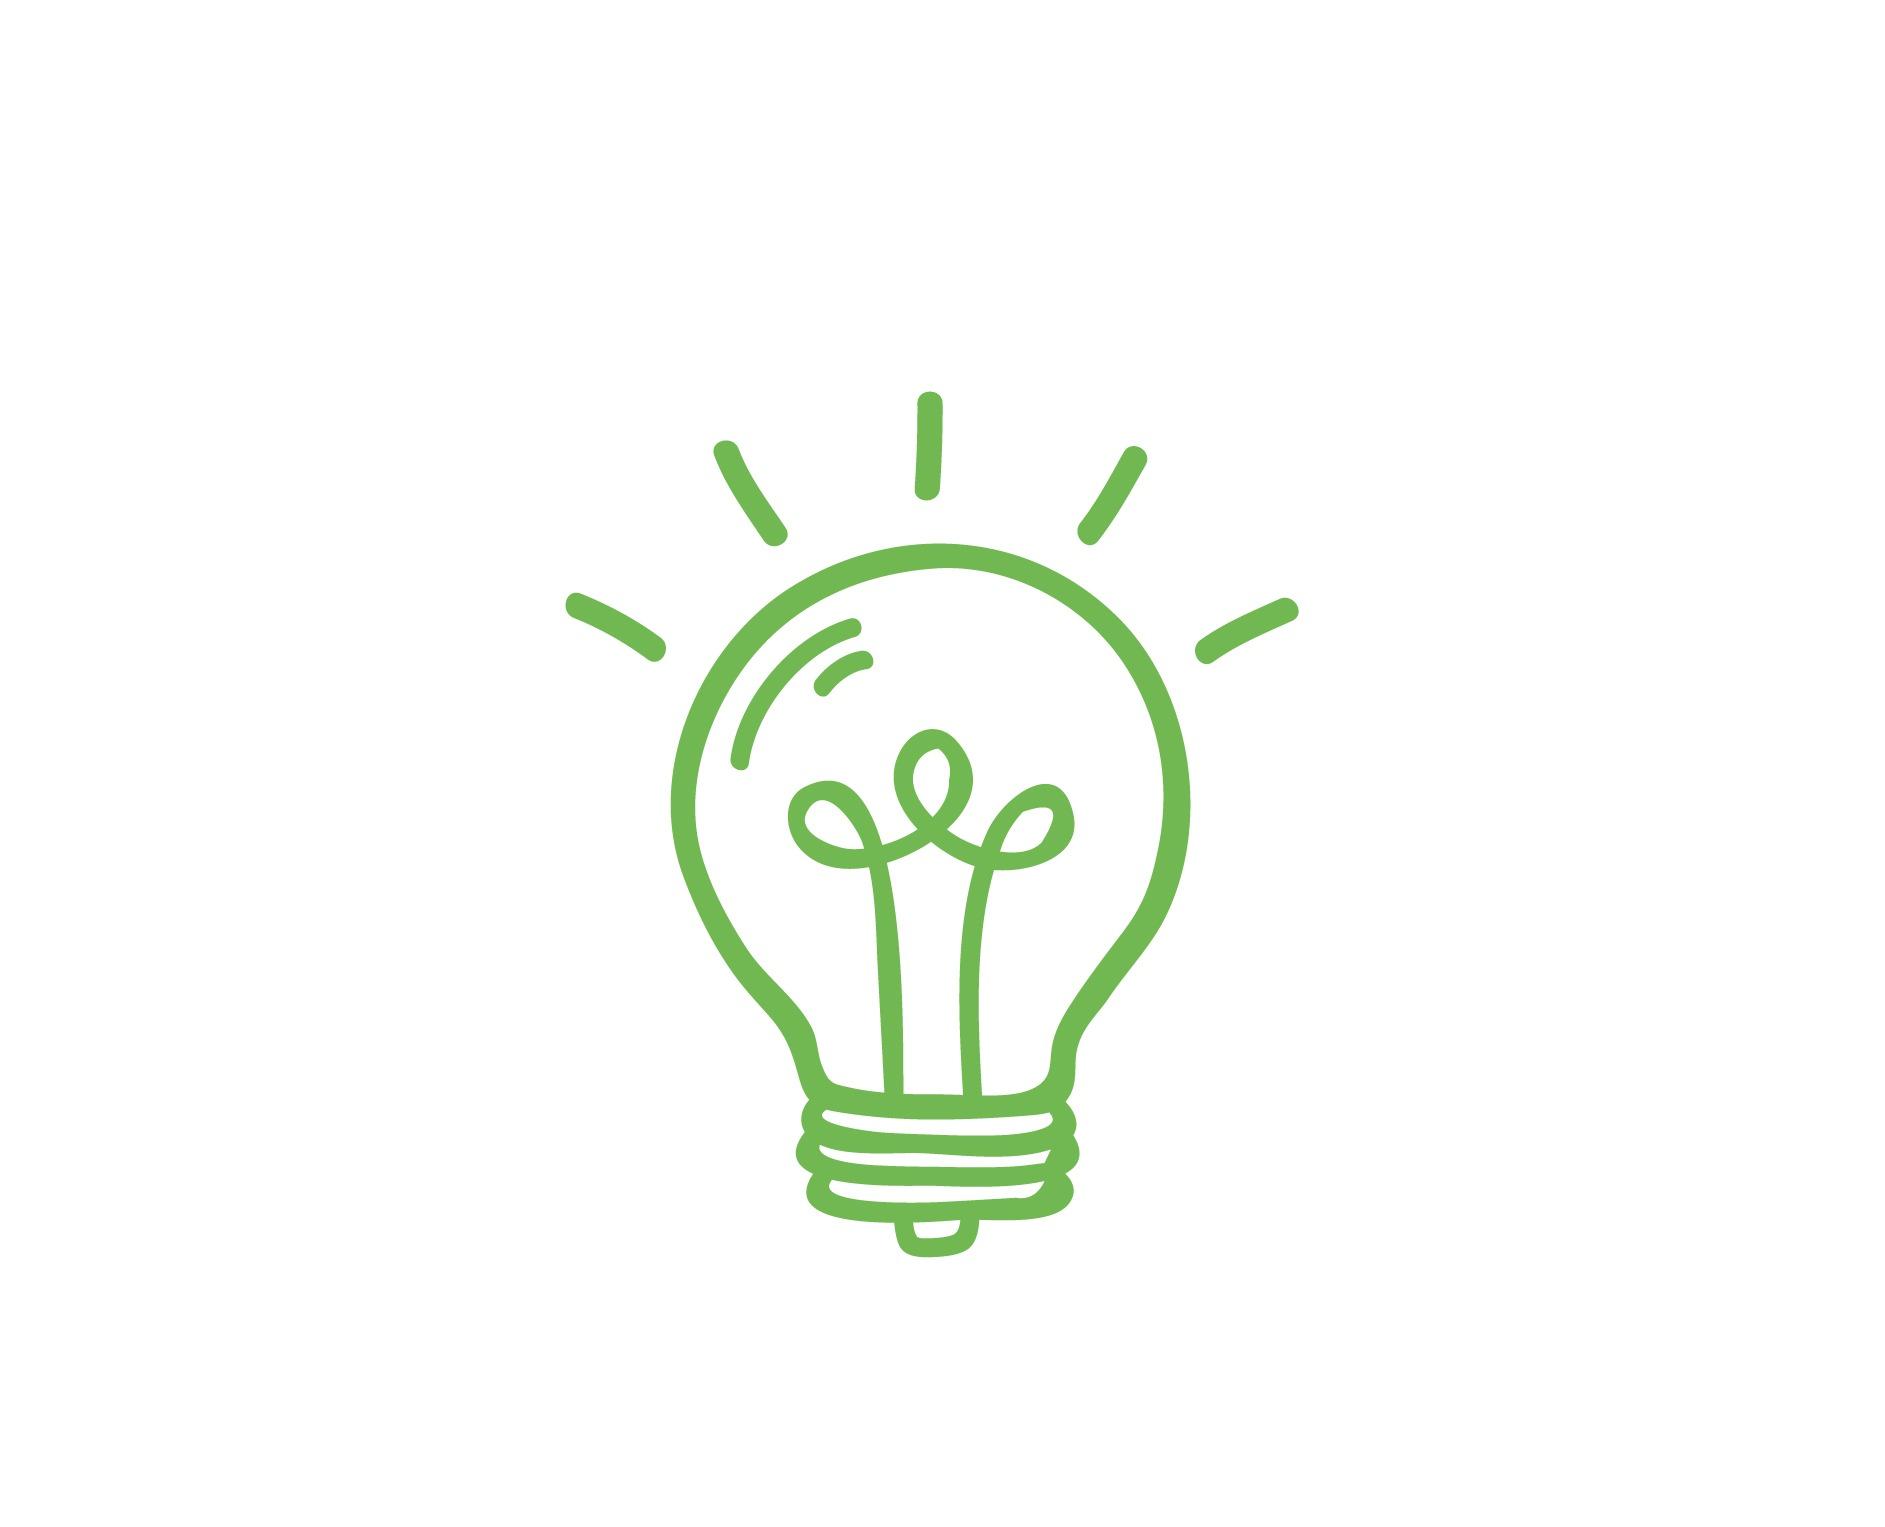 Solution rayonnante - Ampoule - qu'est ce qu'un plafond Rayonnant - Flaktgroup & Langlois Sobreti